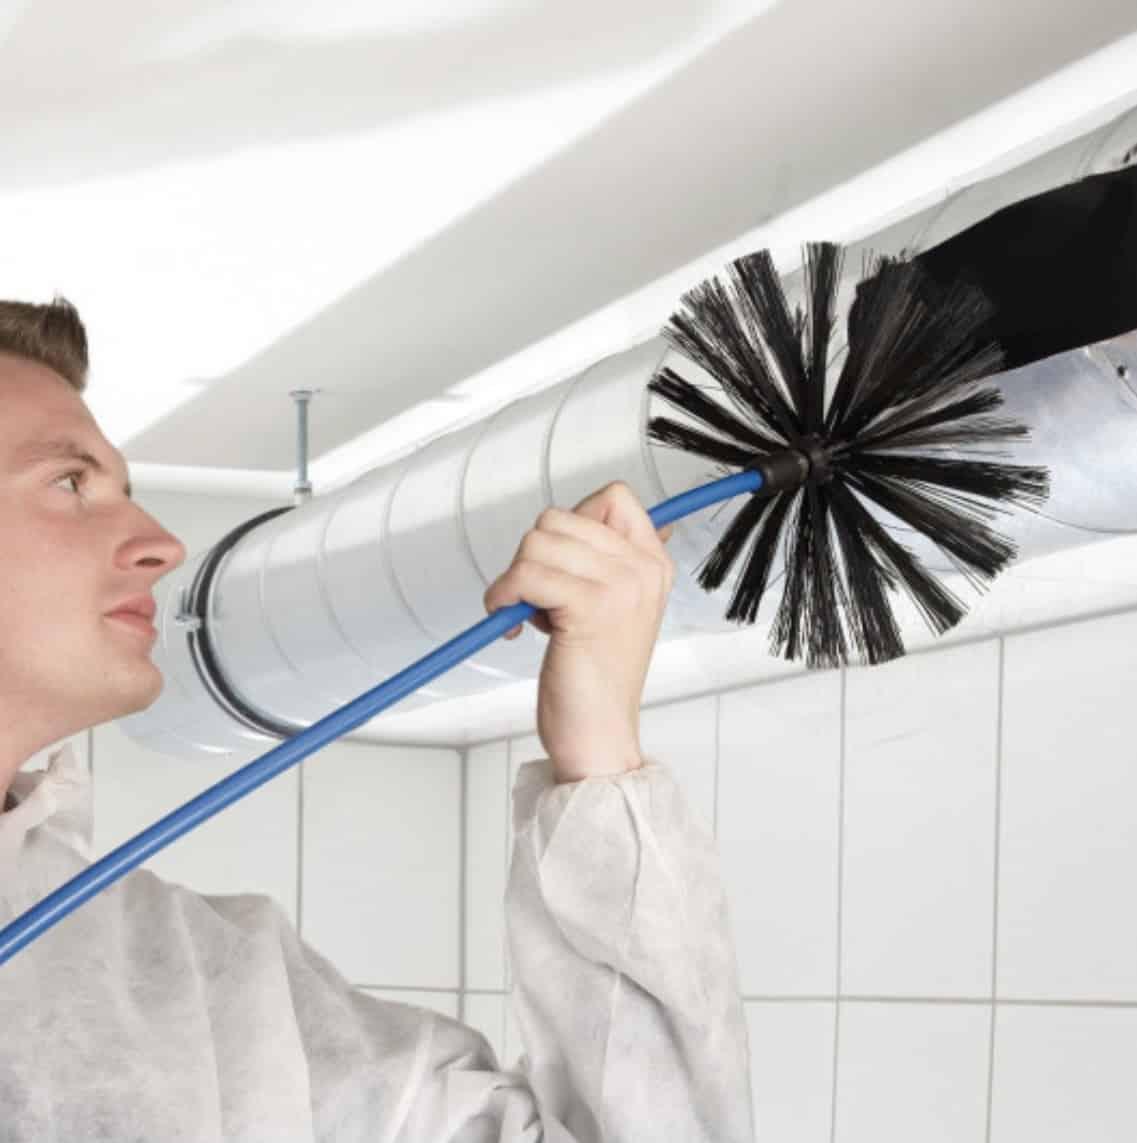 onderhoud mechanische ventilator of WTW?